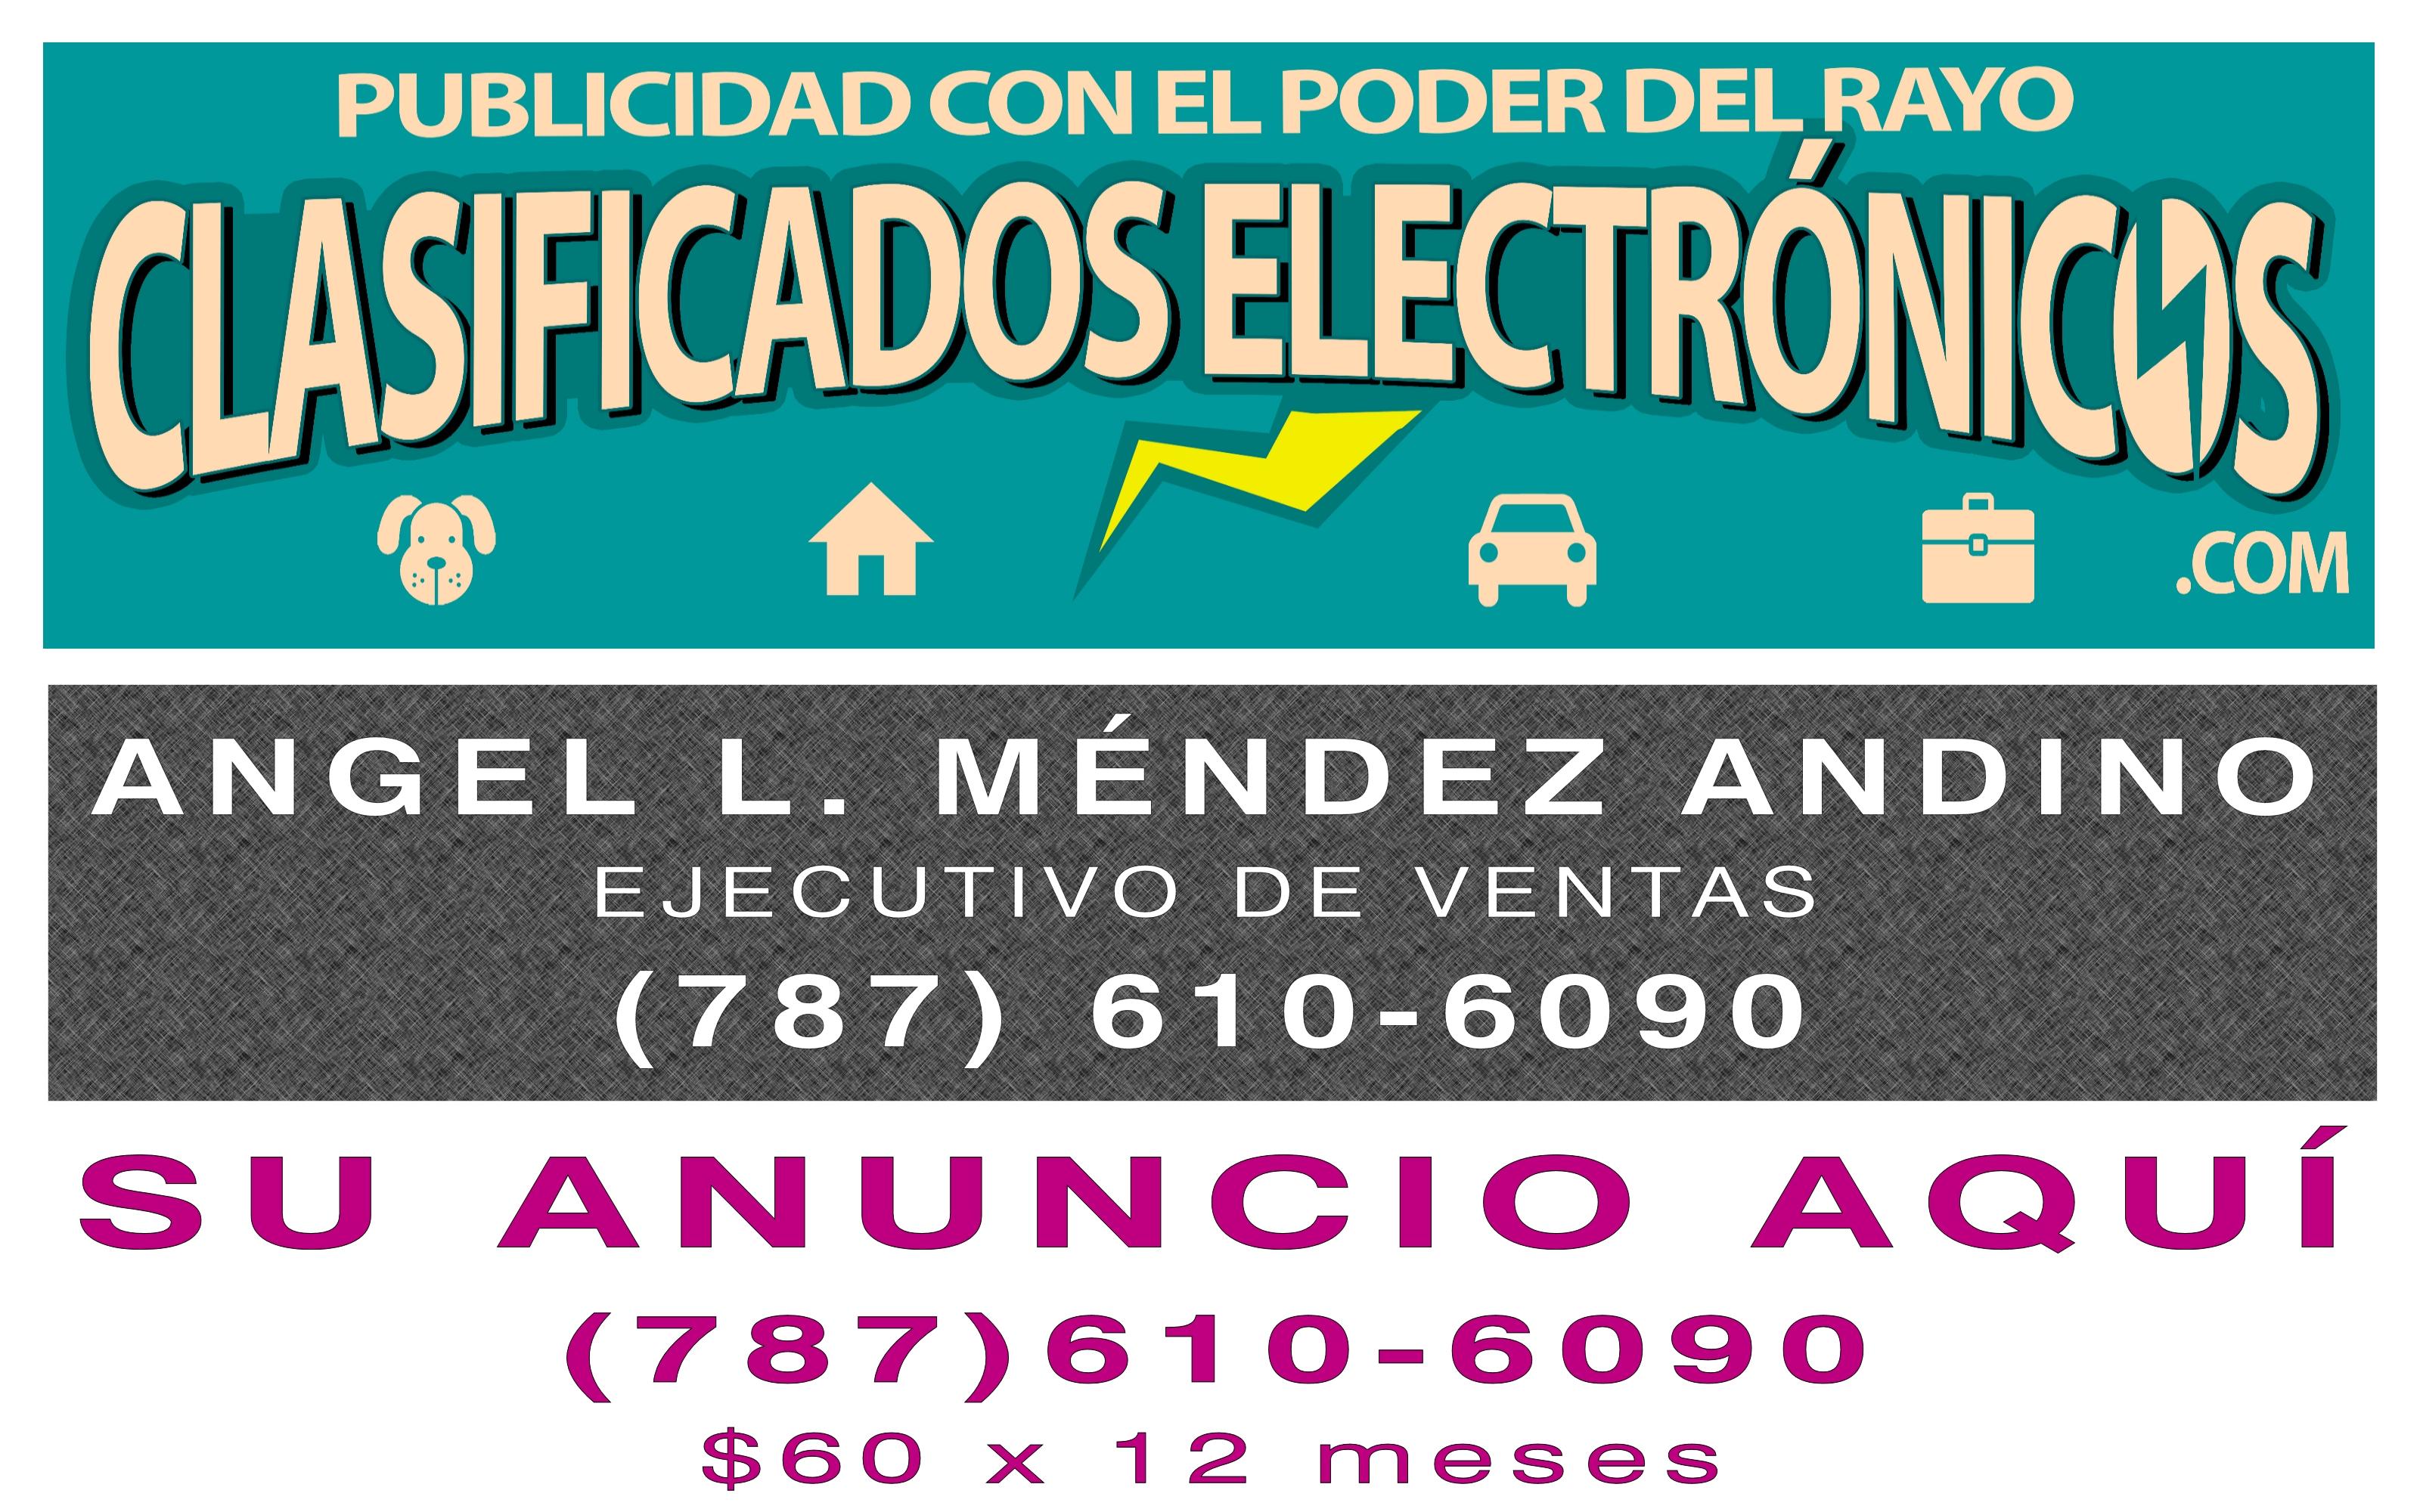 Casas para la venta en puerto rico clasificados for Casas con piscina para alquilar en puerto rico